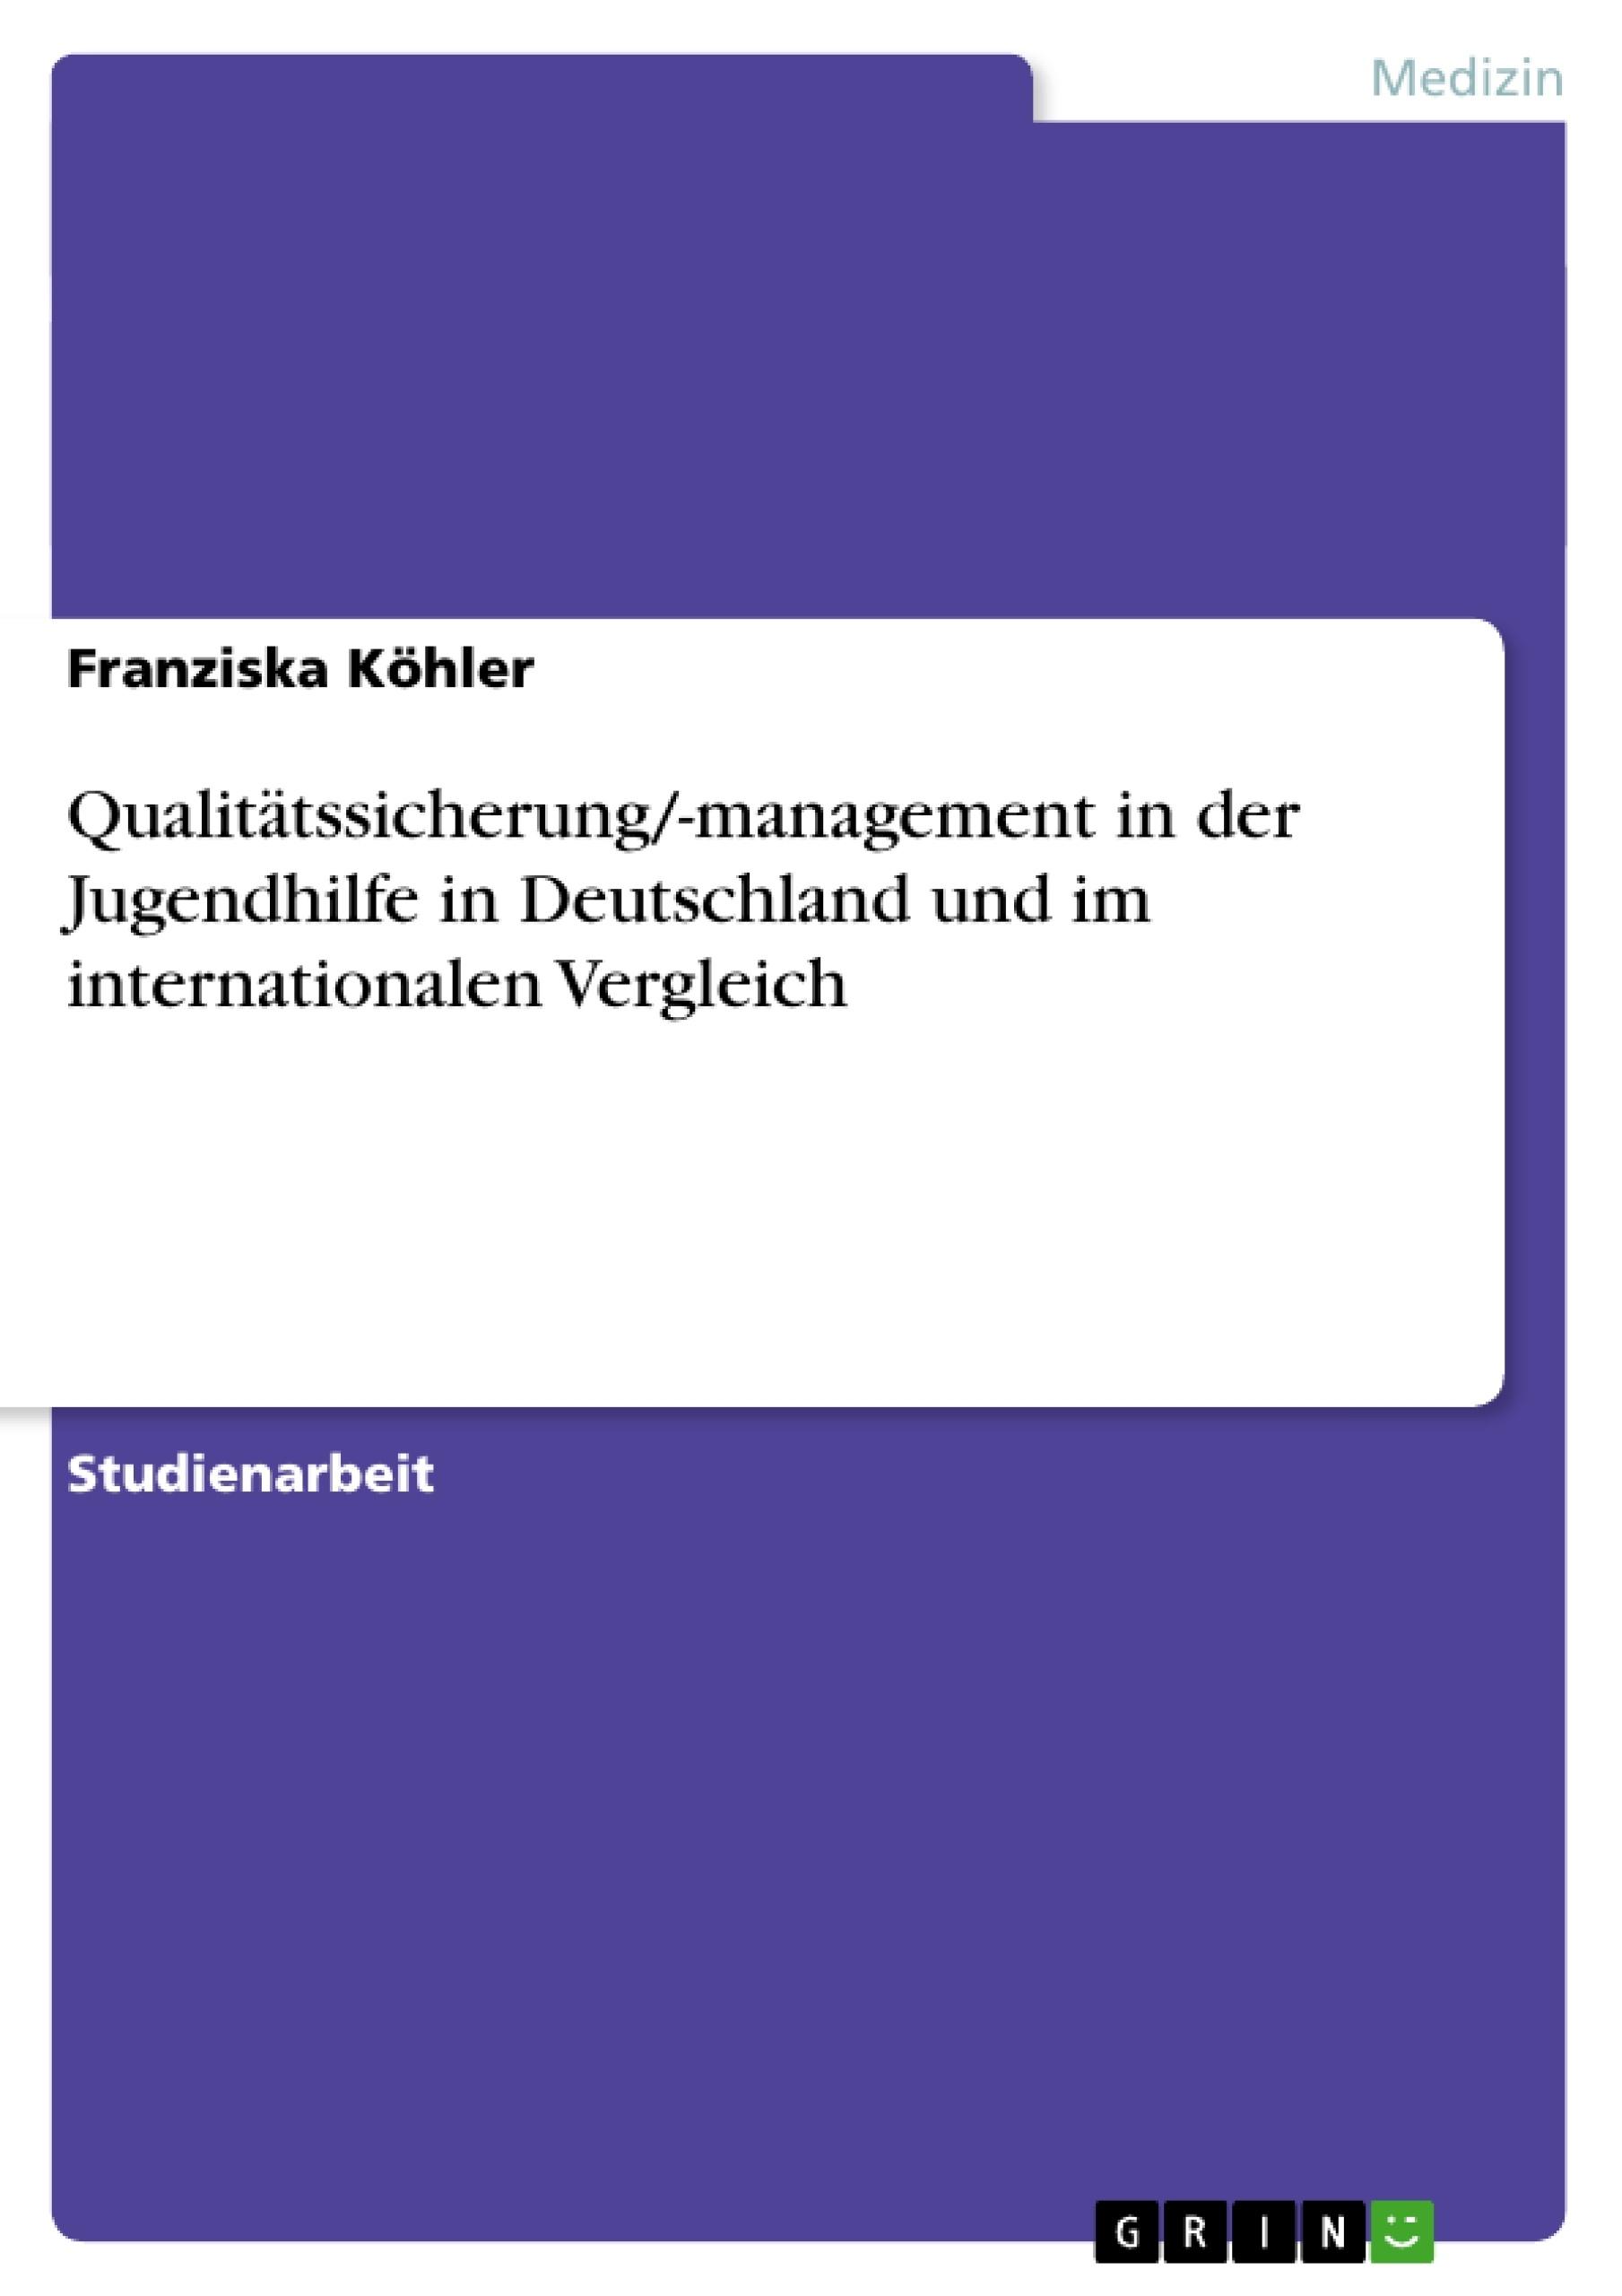 Titel: Qualitätssicherung/-management in der Jugendhilfe in Deutschland und im internationalen Vergleich